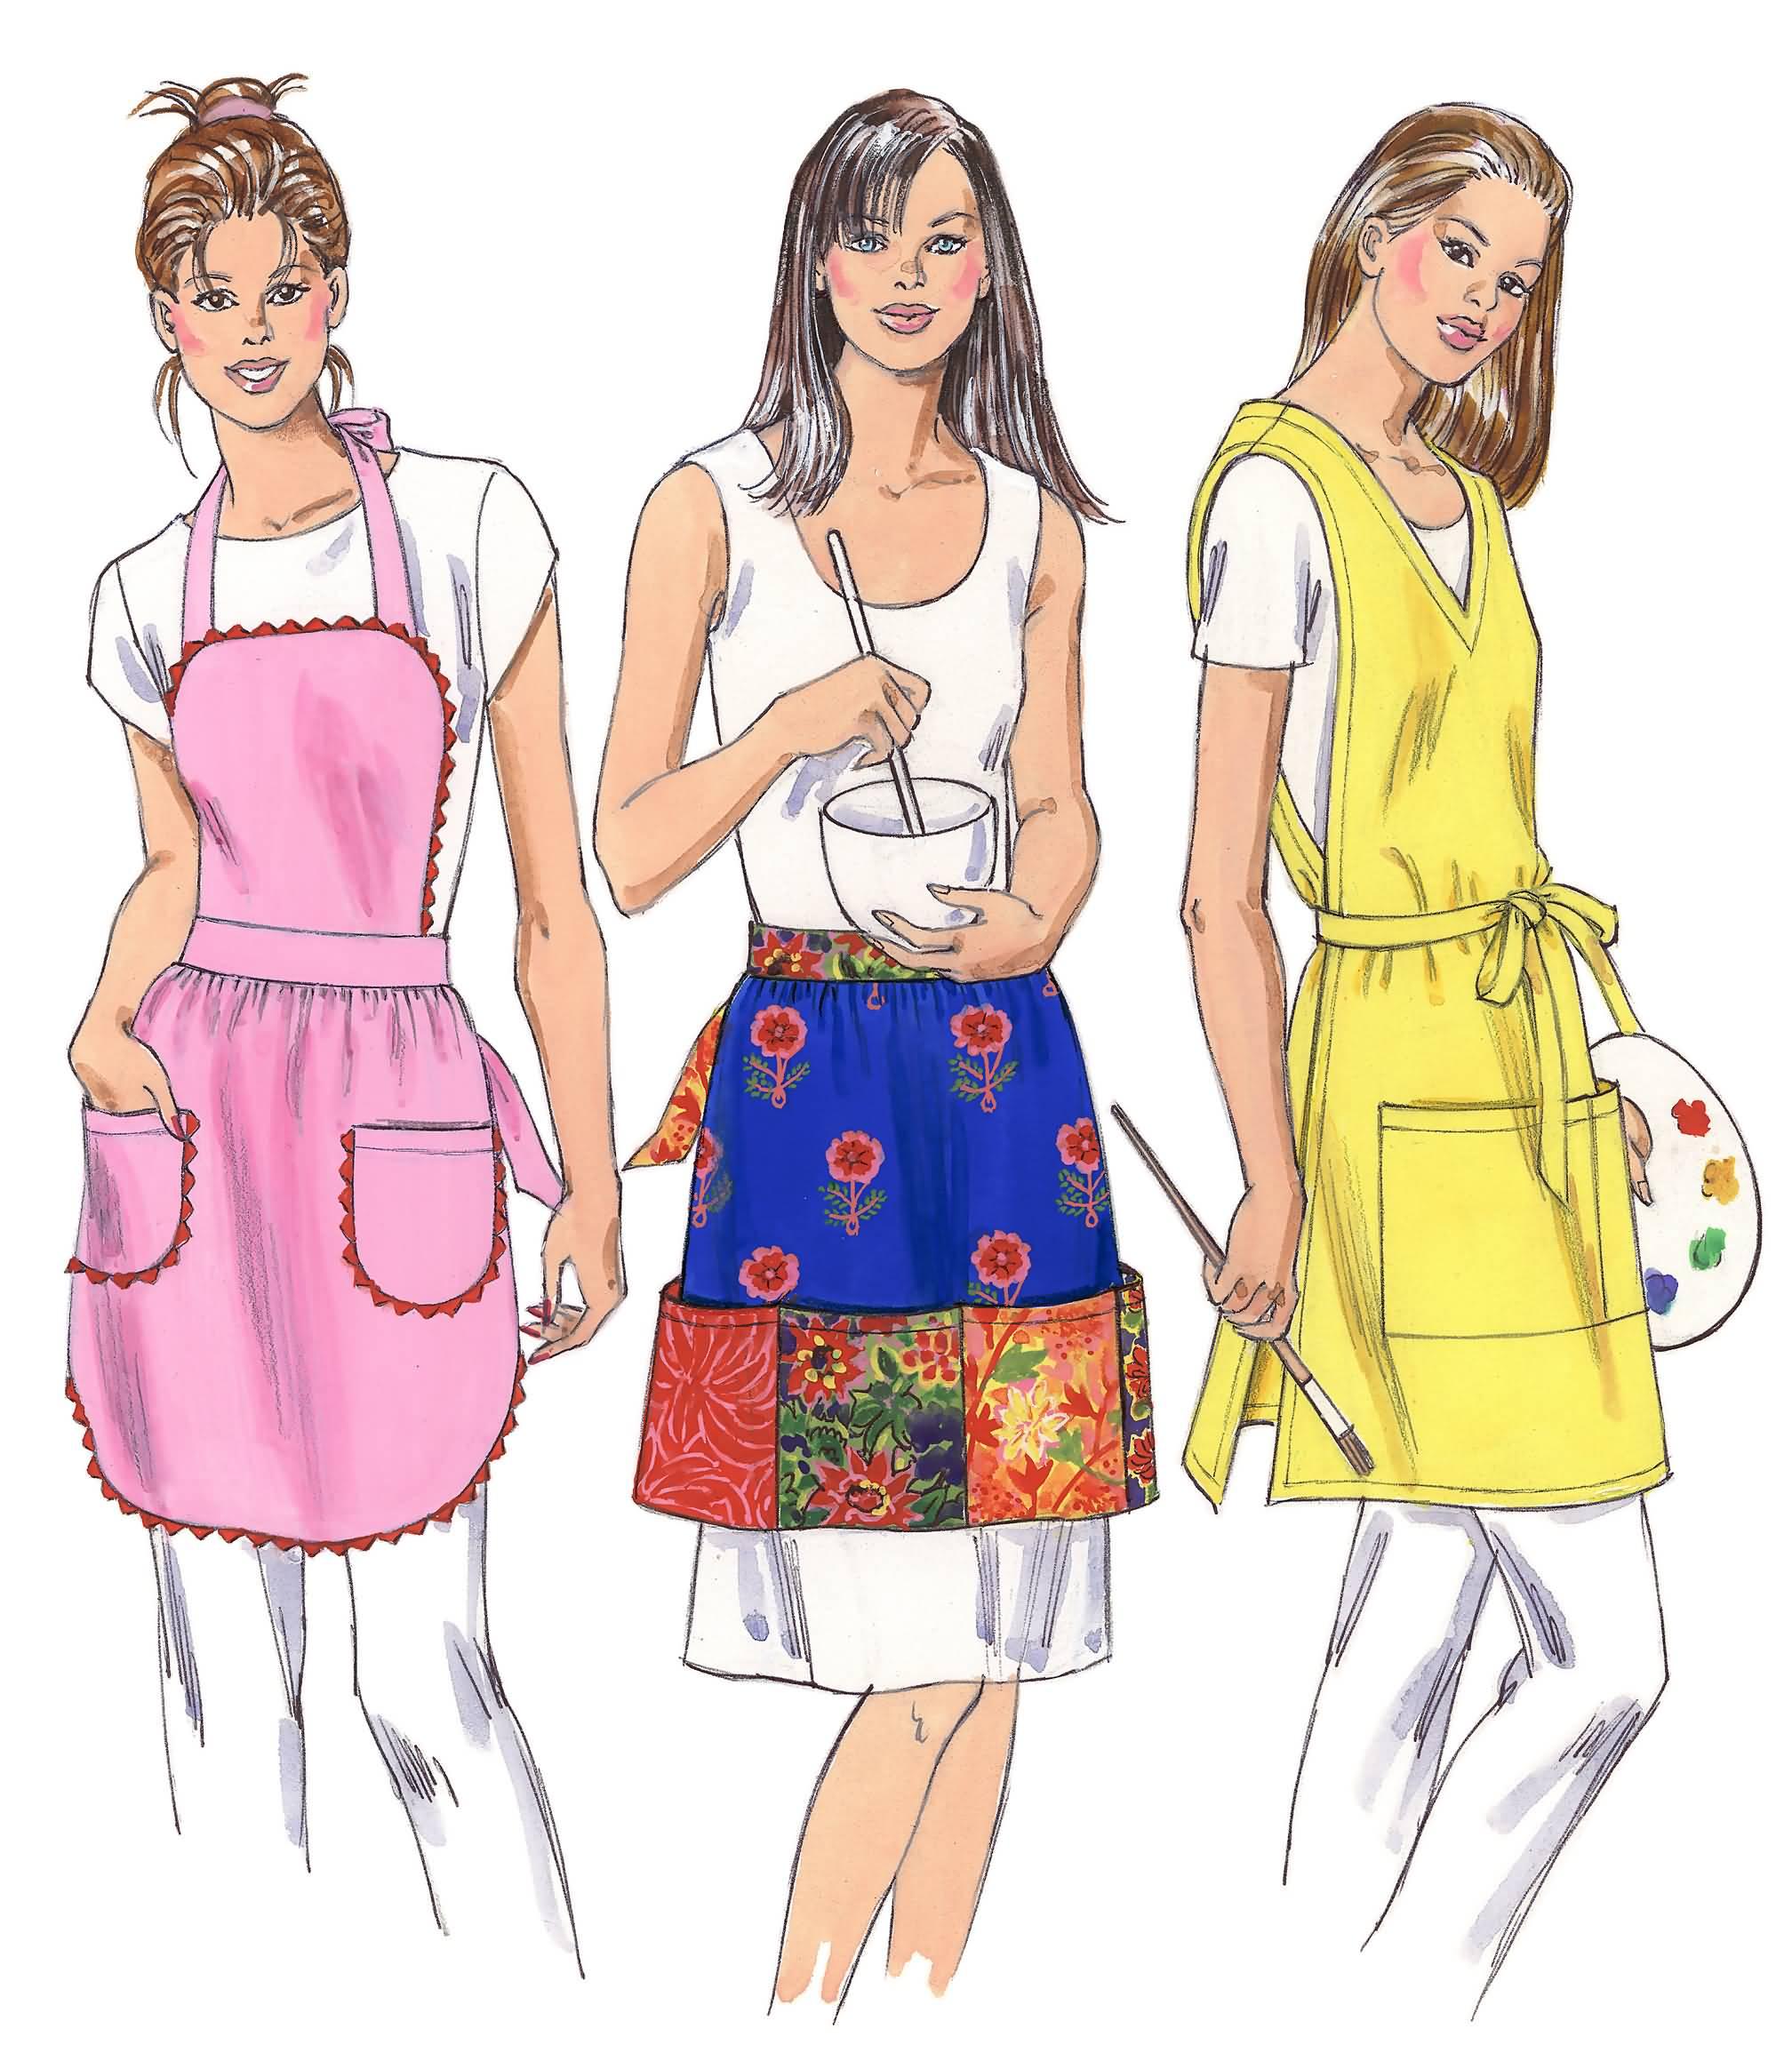 Amazon.com: Butterick Sewing Pattern B4542 Children's Choir Robes